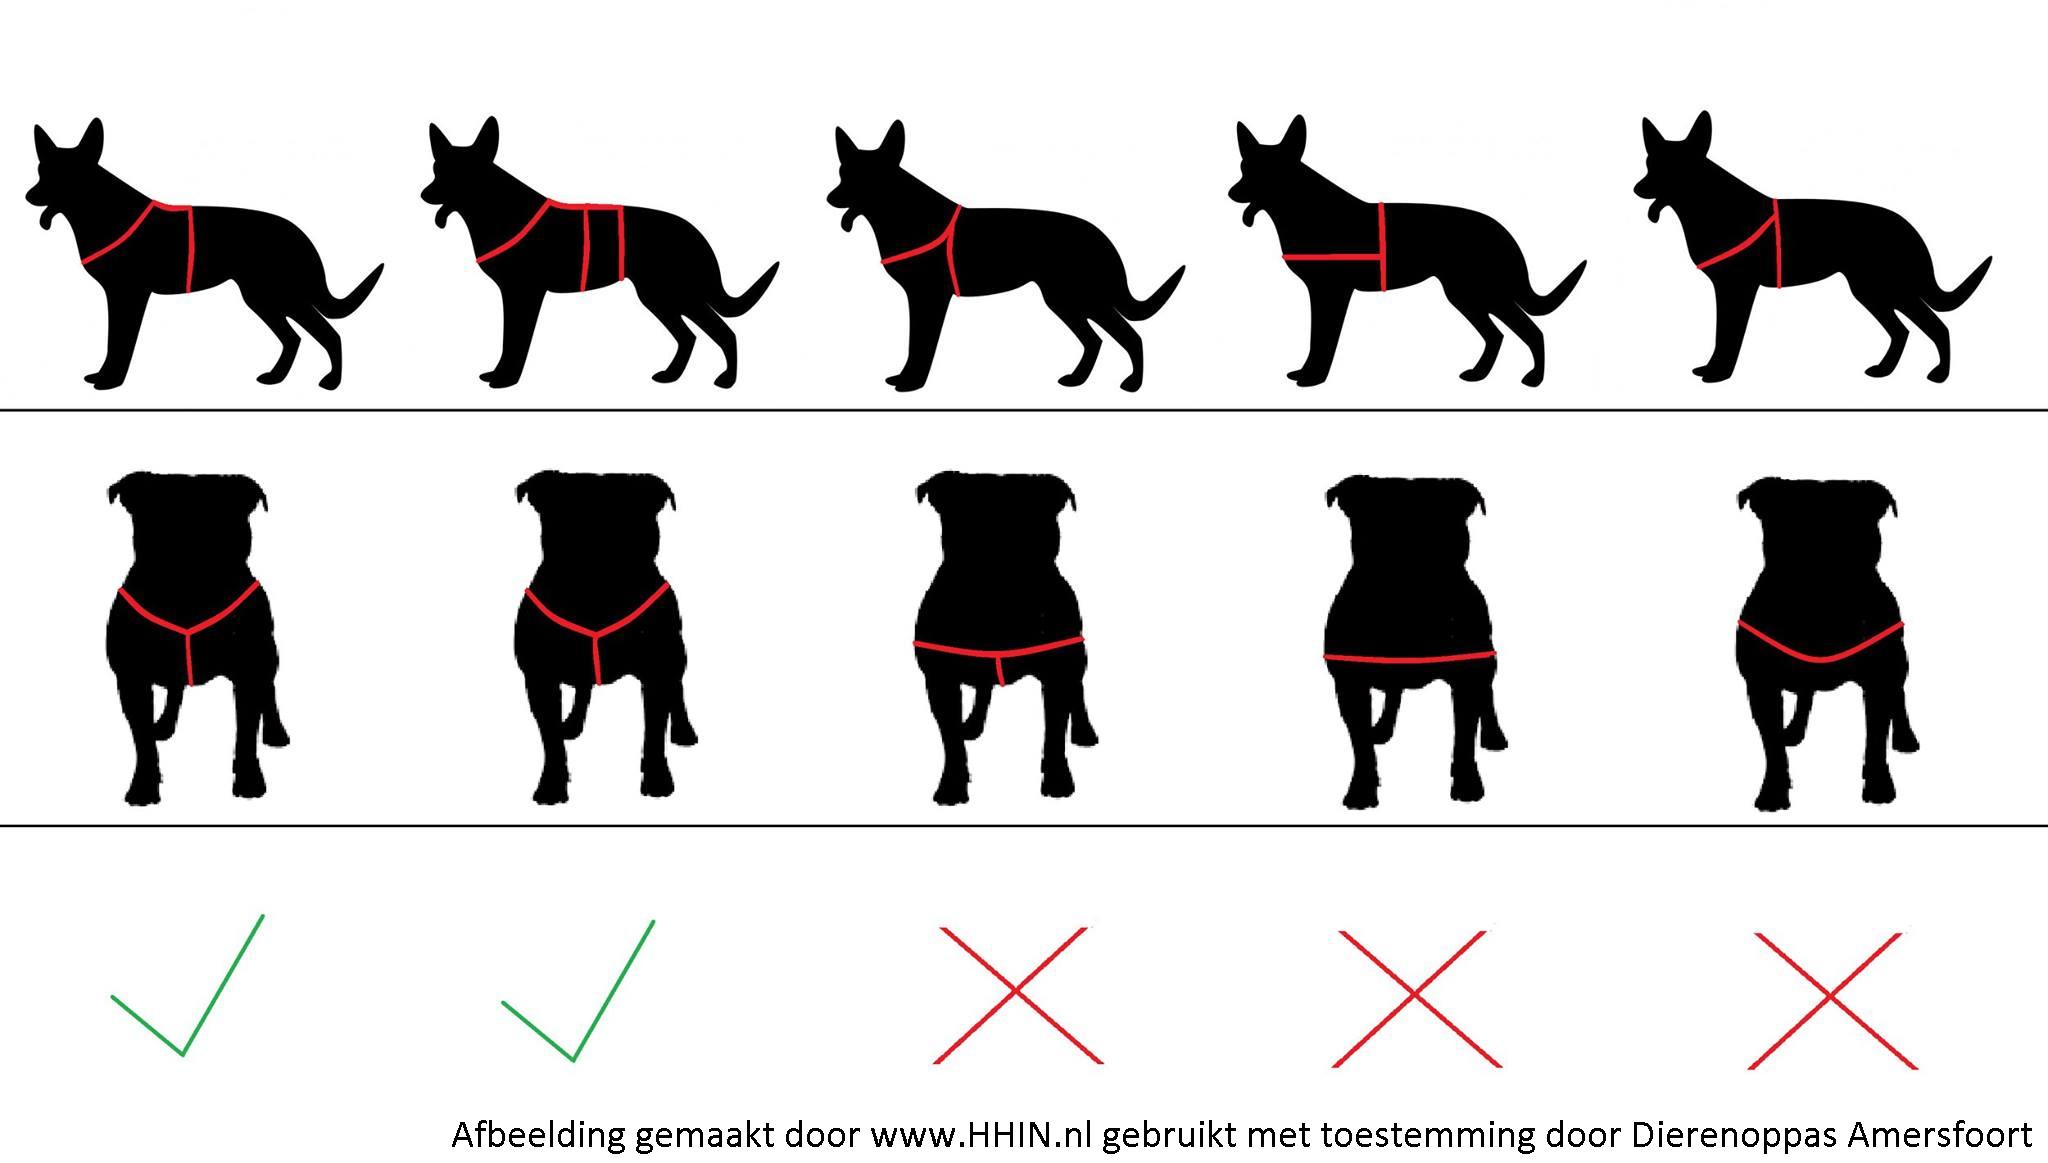 Y-tuig hond. Uitleg en overzicht hondentuig Y-tuig tuigje hond ervaringen reviews kiezen